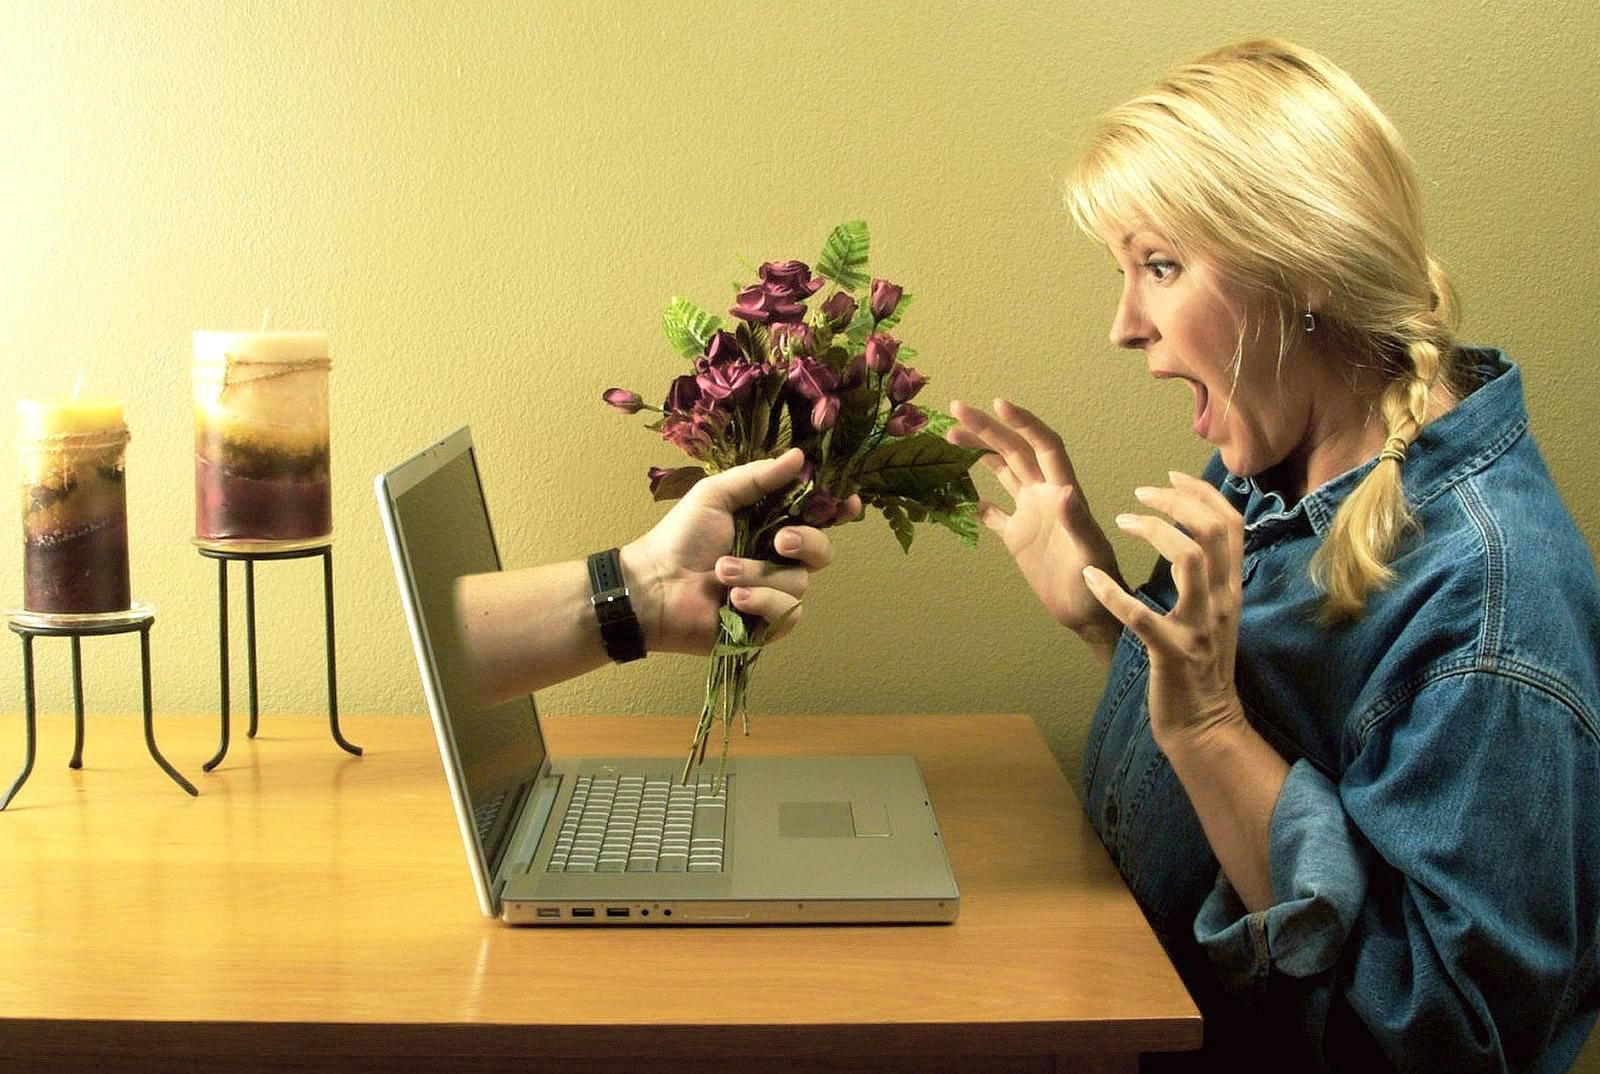 Топ-7: сайты знакомств для несерьезных и свободных отношений